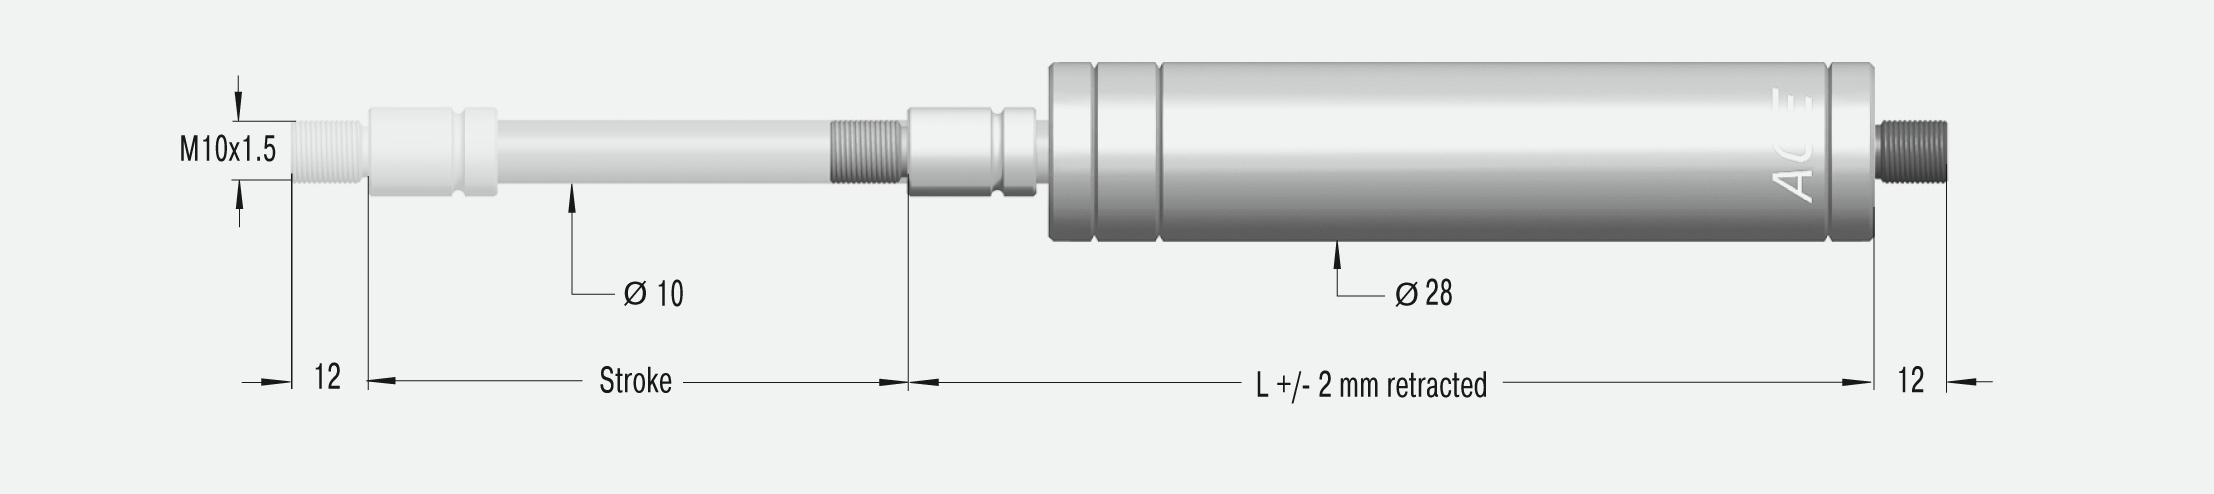 GZ-28-50-V4A